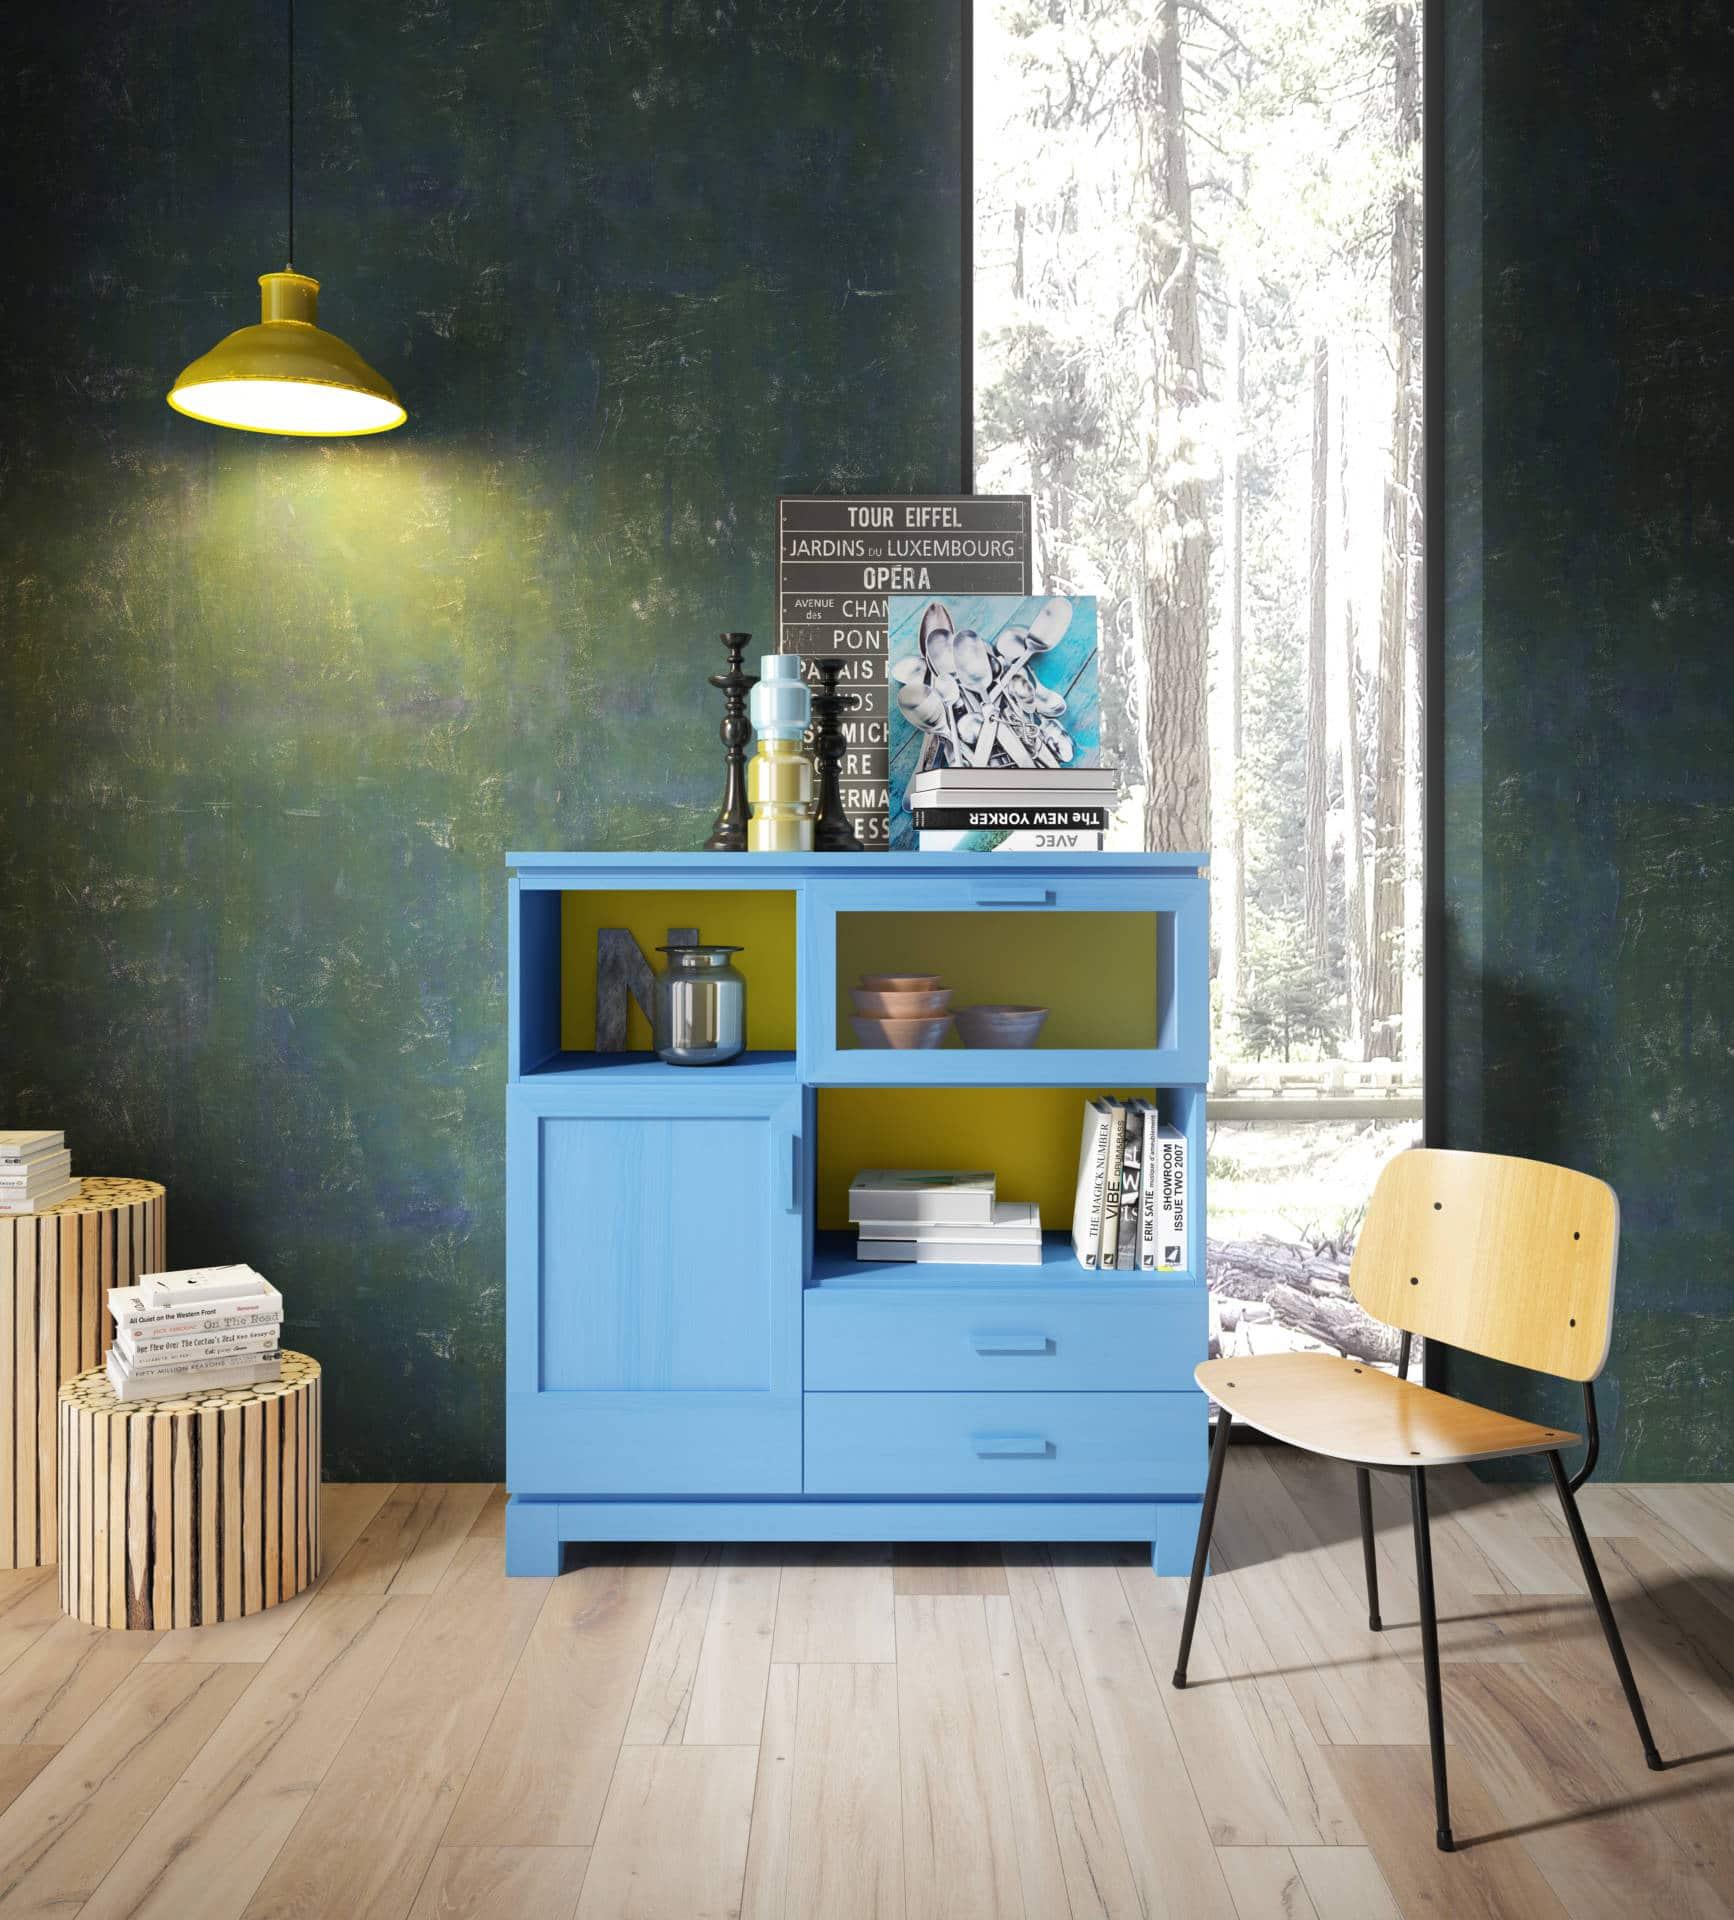 Muebles de sal n r sticos en zaragoza r stica ambientes for Muebles de salon rusticos